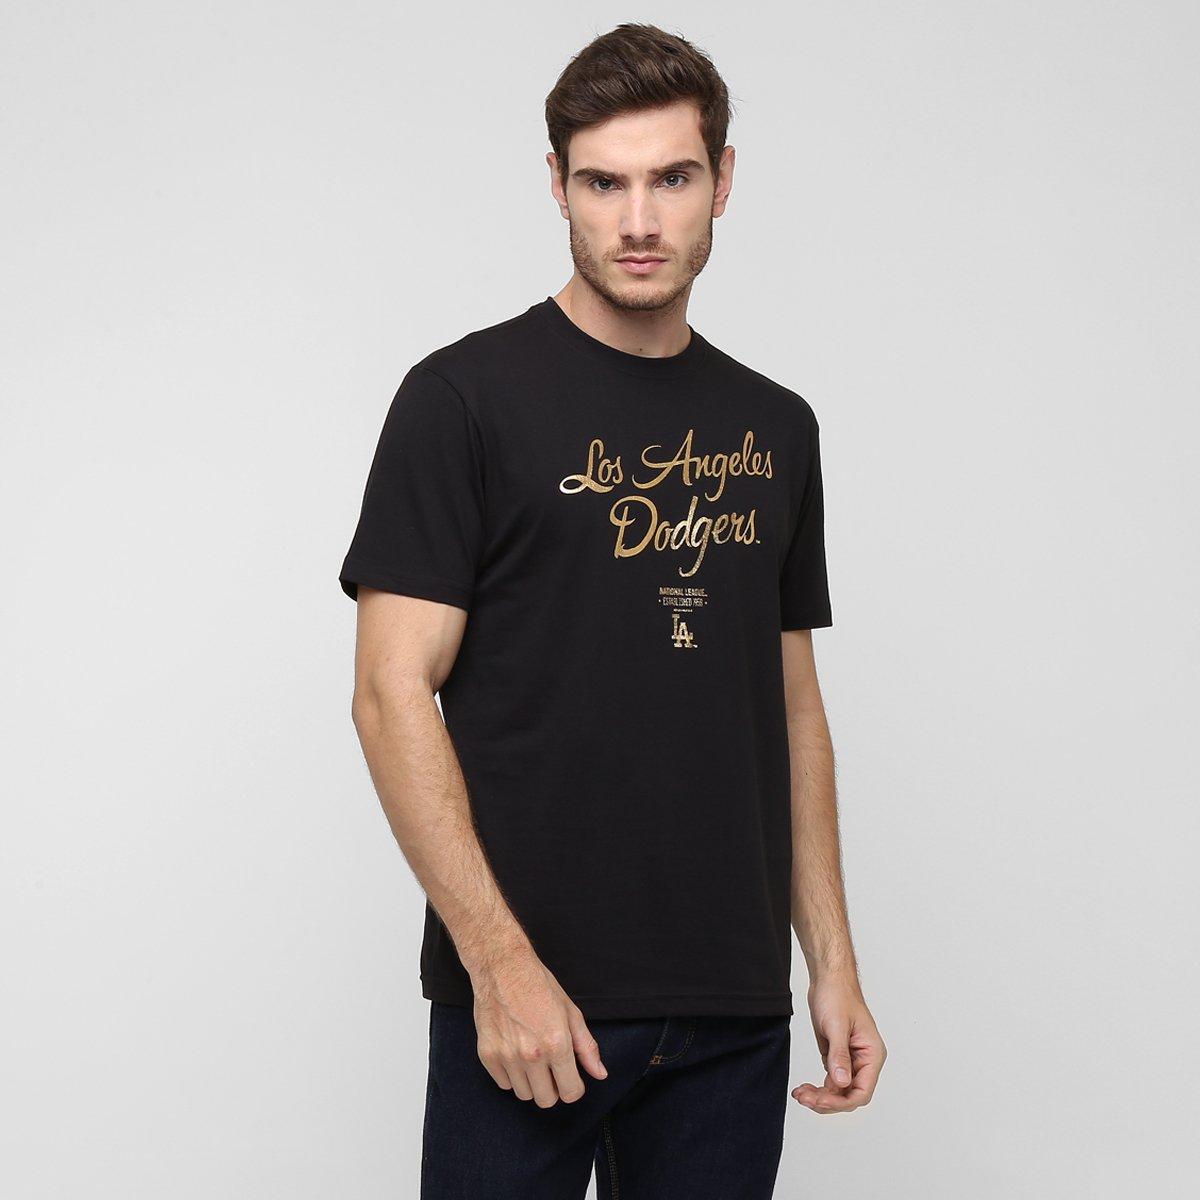 cac1f9e8a4059 Camiseta New Era MLB Nac Gold 10 Los Angeles Dodgers - Compre Agora ...